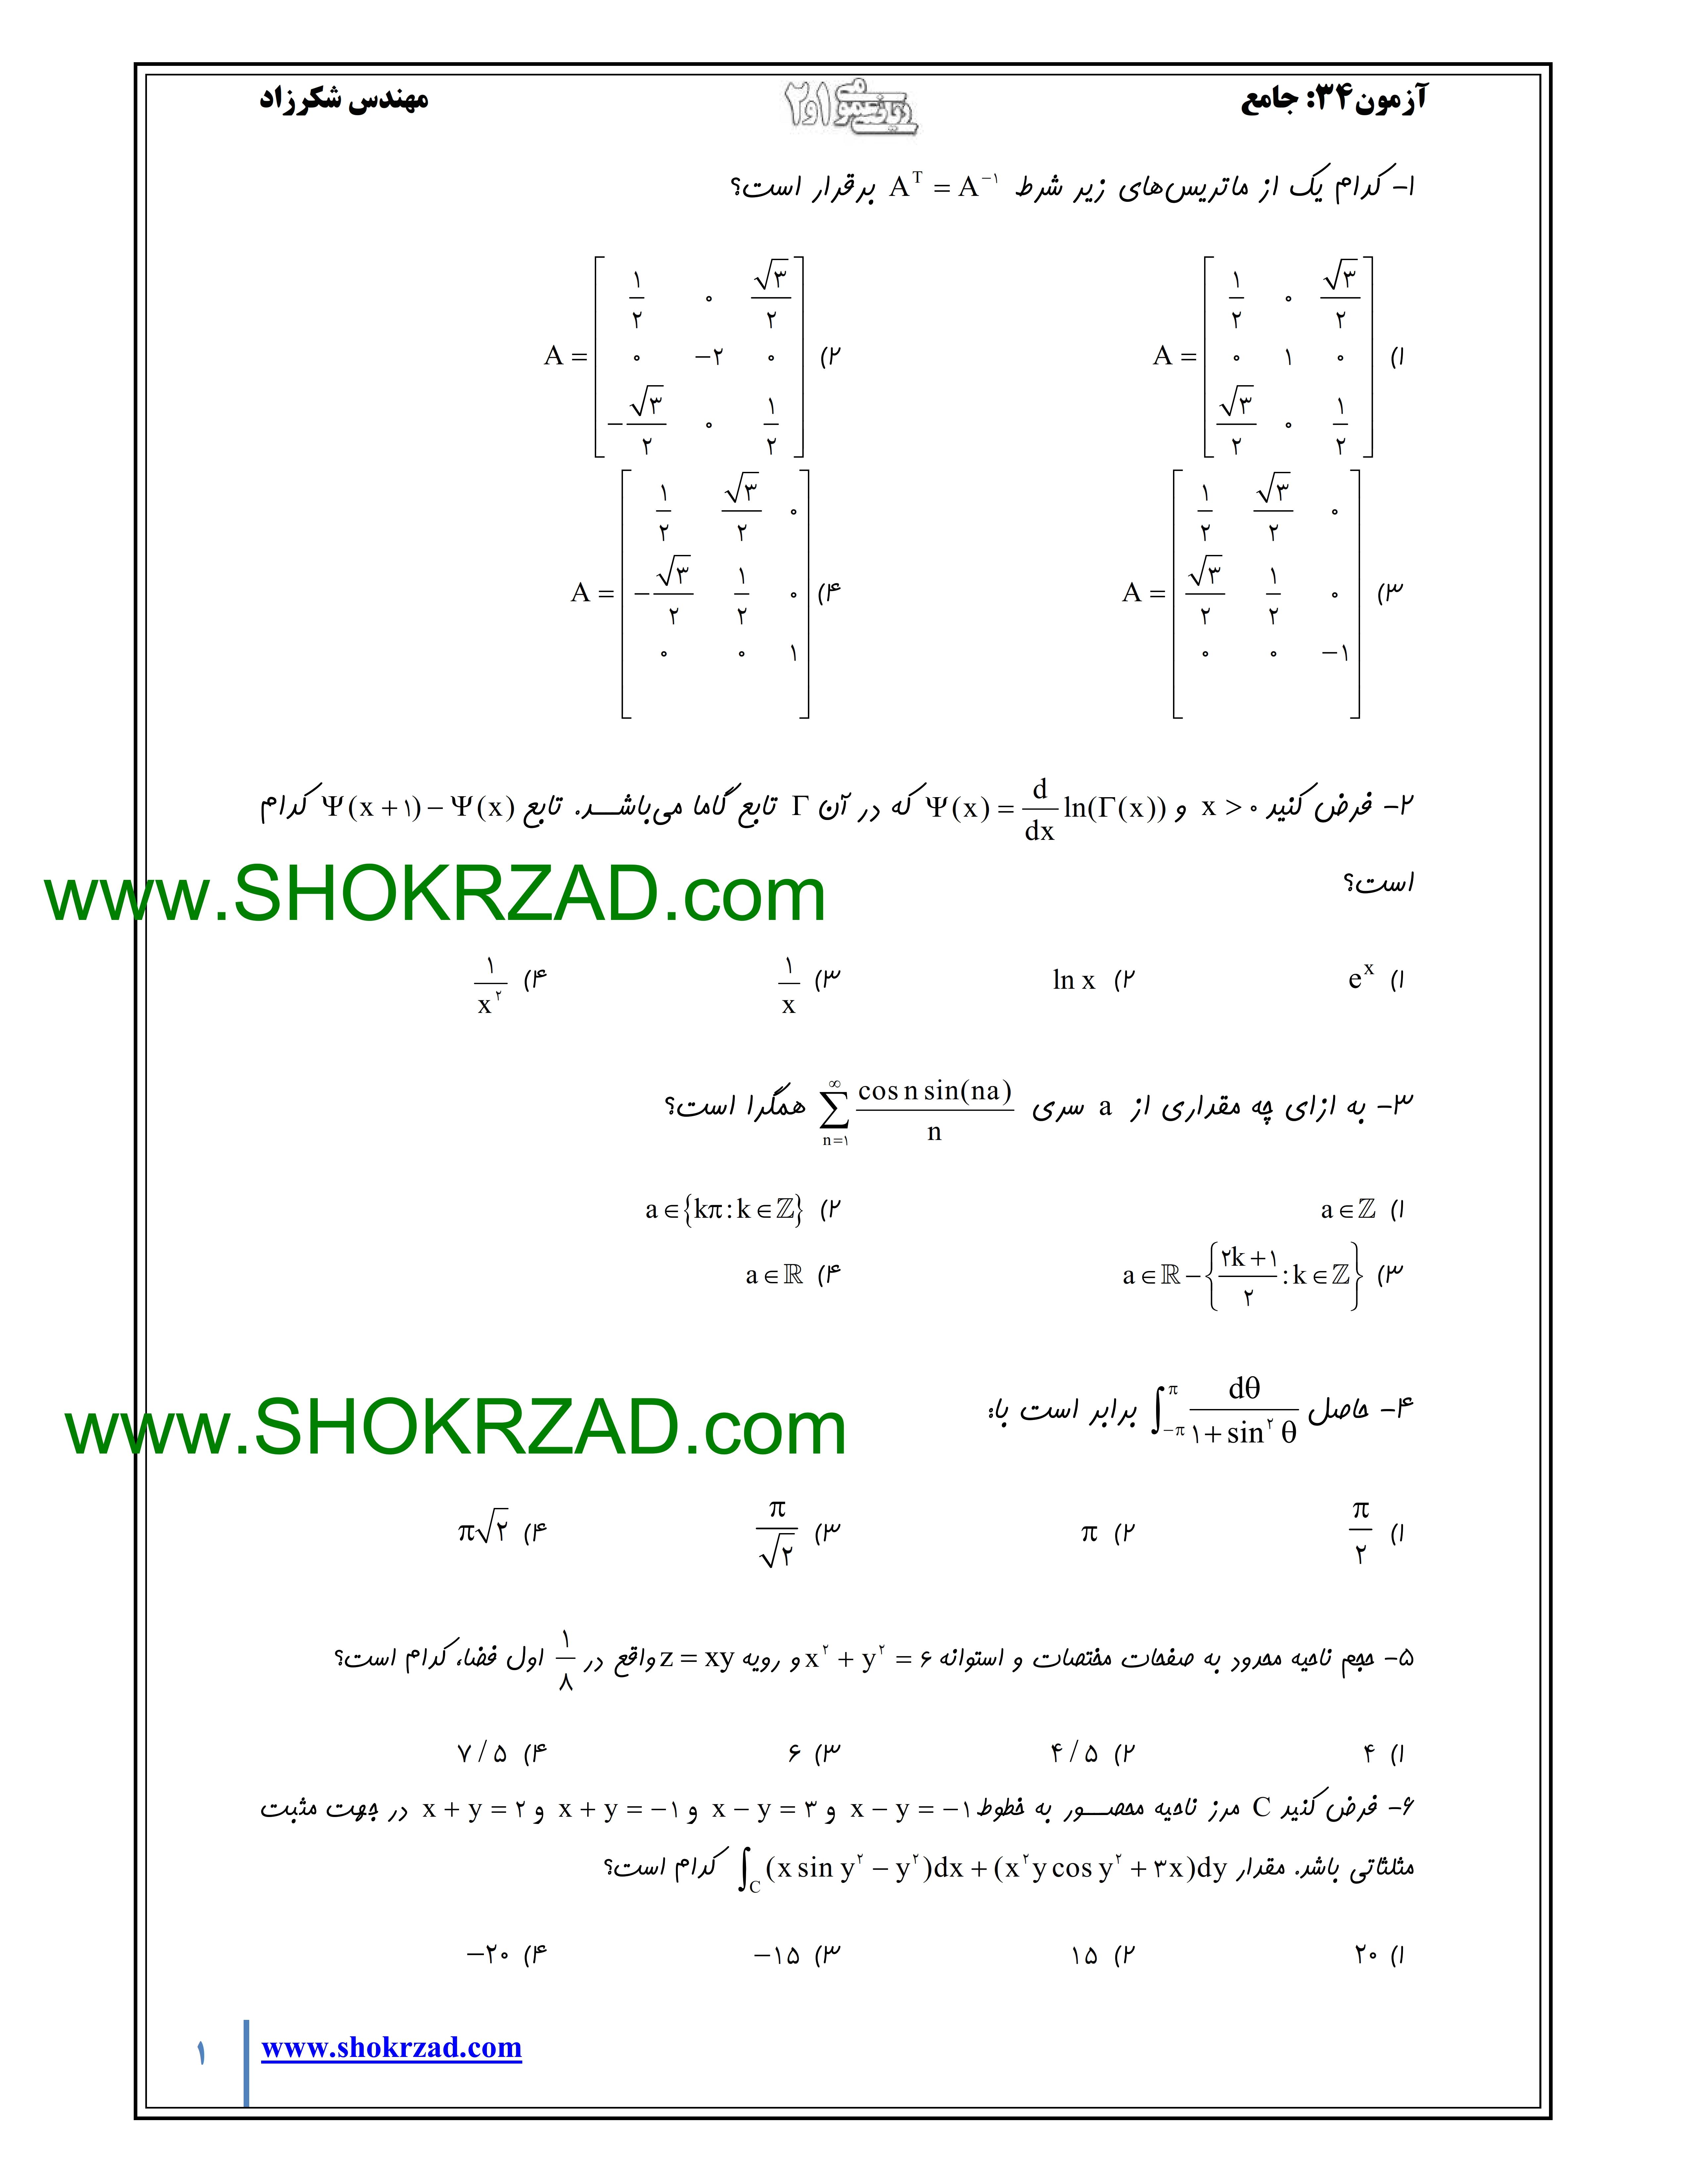 آزمون جامع ریاضی عمومی 1و2